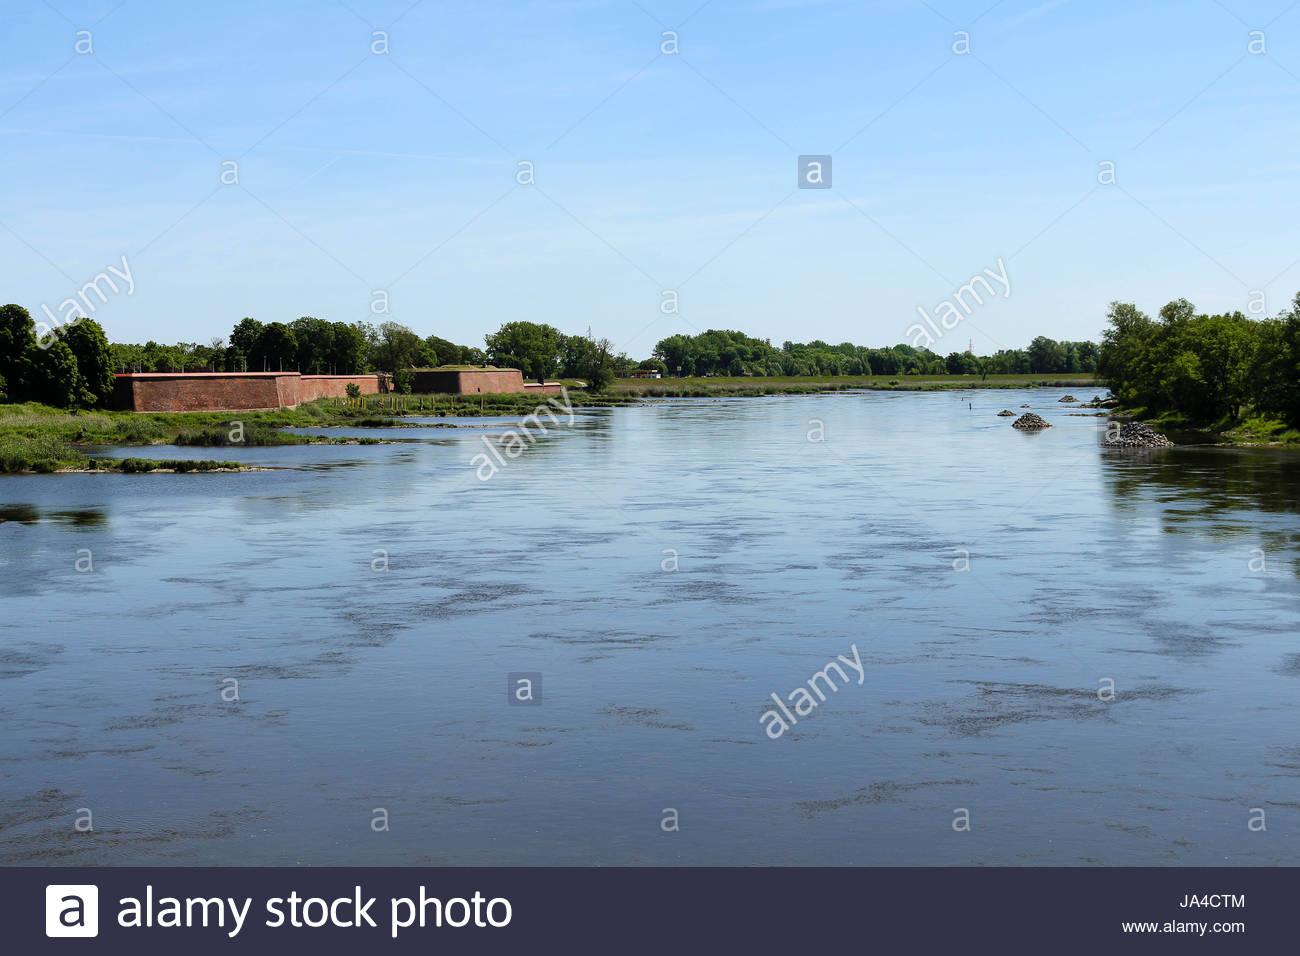 Río Odra / oder marcando la frontera germano-polaca en kostrzyn / kuestrin-kietz Imagen De Stock